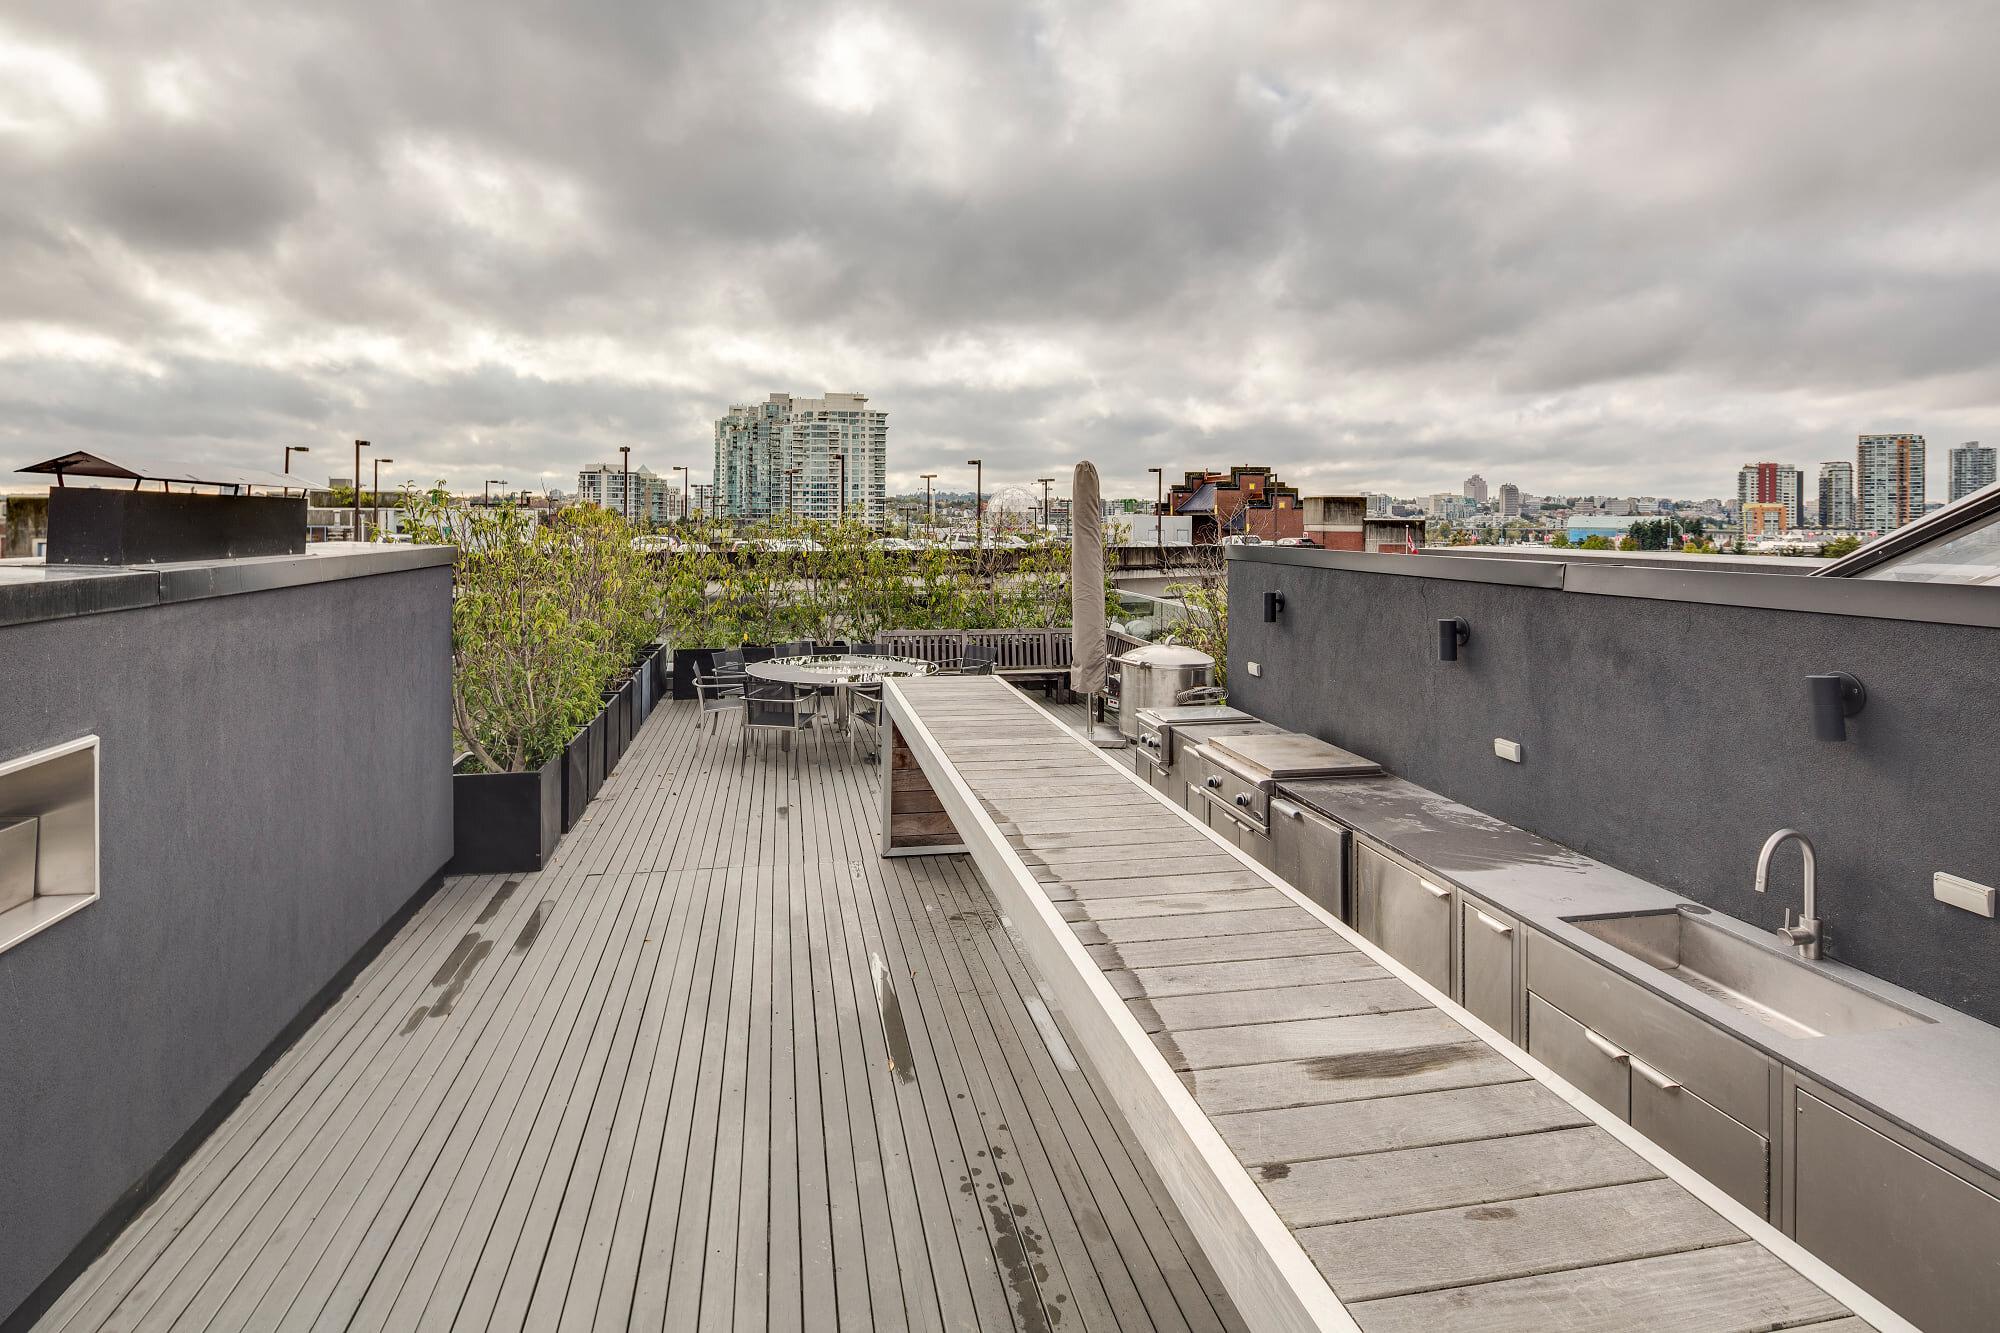 wsi-imageoptim-Roof-pool-deck-Vancouver.jpg